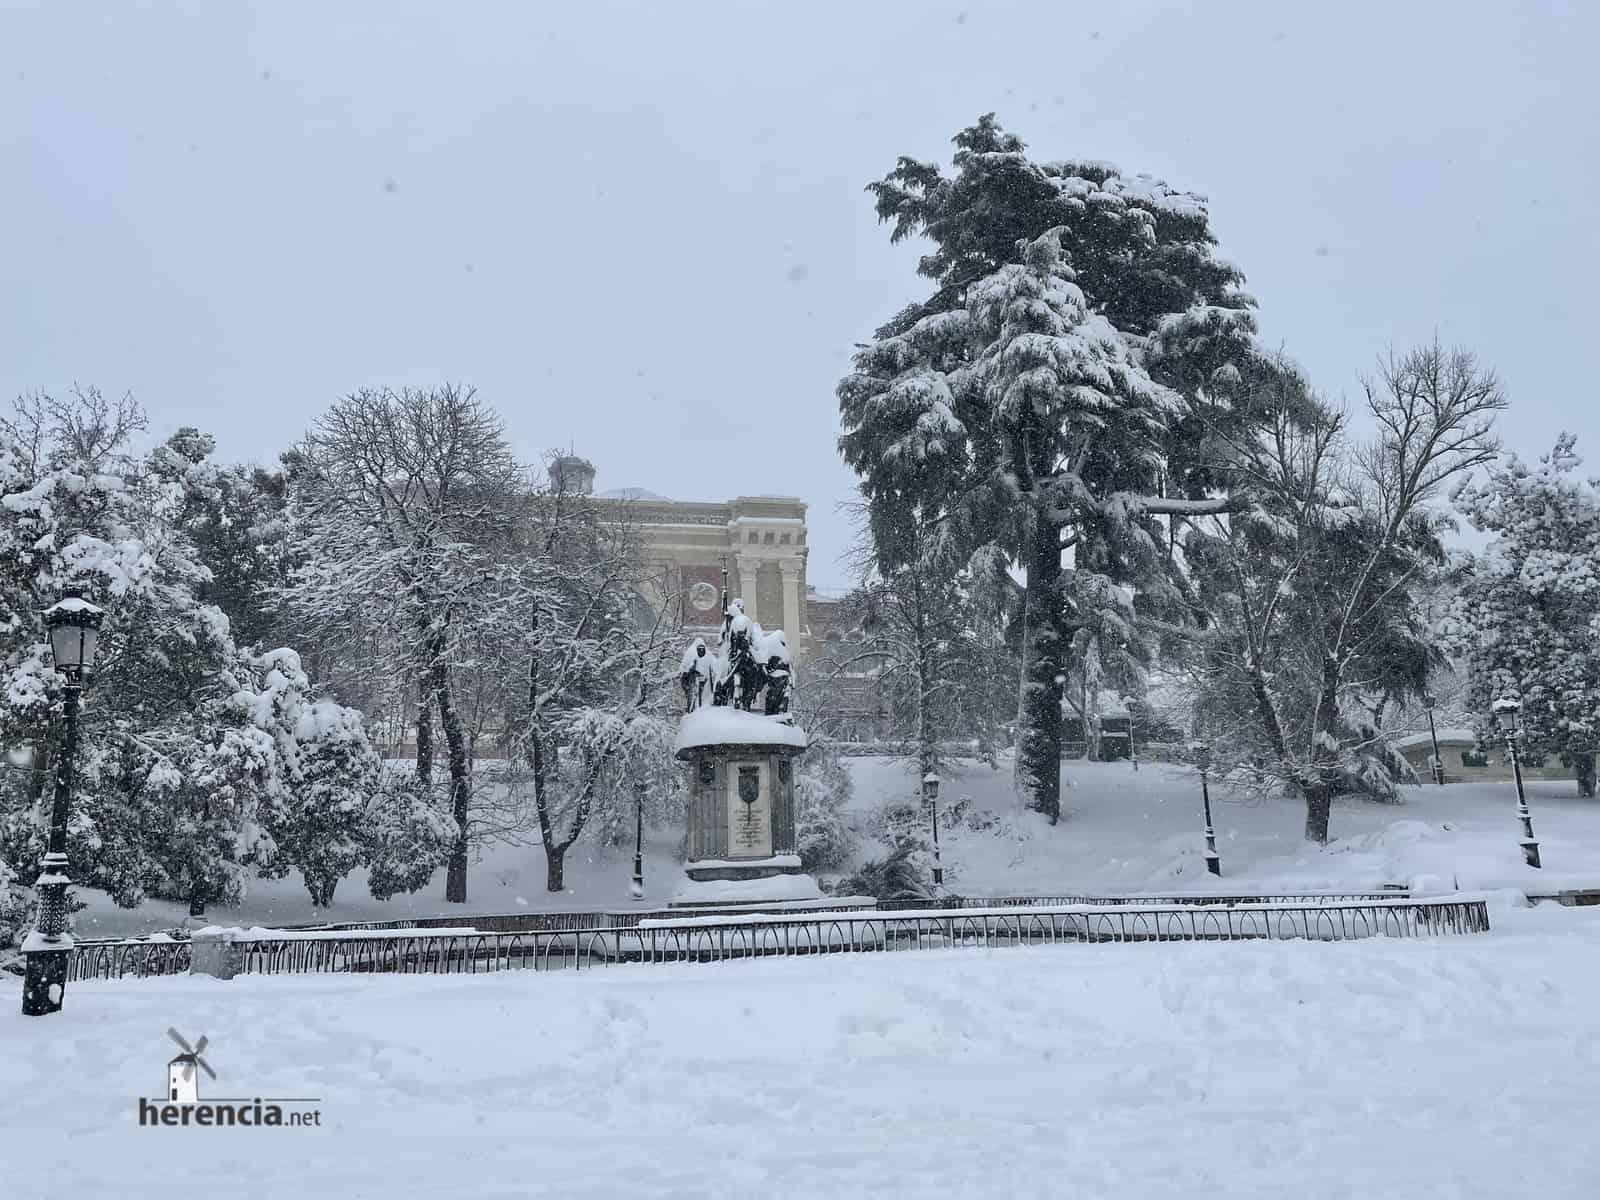 Fotografías de la nevada de enero en Madrid (España) 223